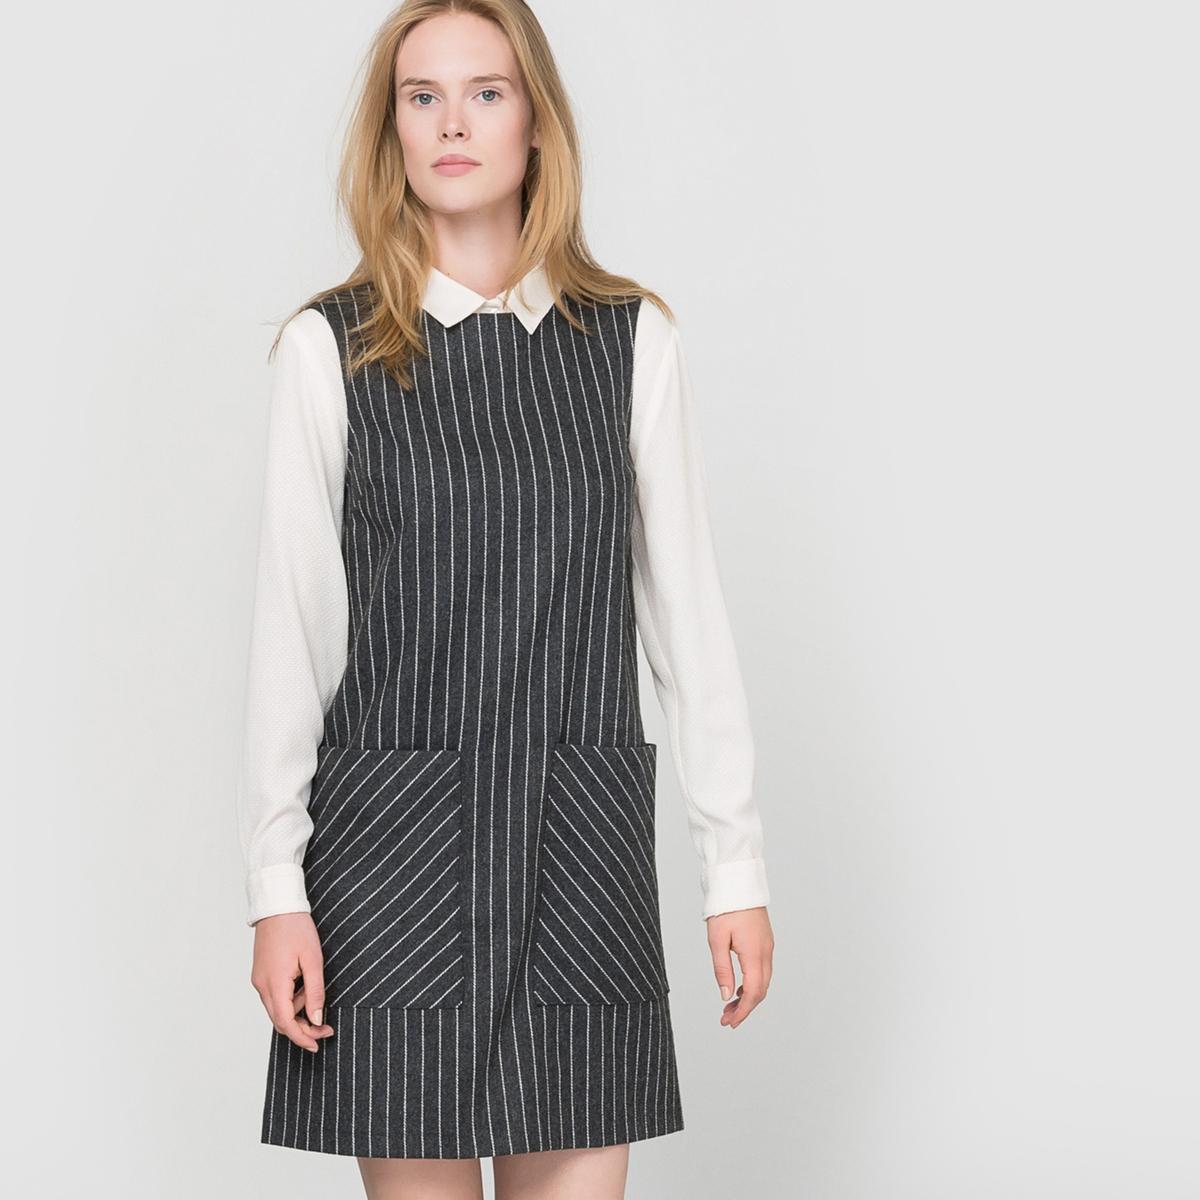 Платье без рукавов, сделано во ФранцииПлатье без рукавов, сделано во Франции. Гарантия высокого качества !Фланель в полоску. Круглый вырез. 2 накладных кармана спереди. Молния сзади.Состав и описание :   Материал :  40% полиэстера, 30% шерсти, 25% акрила, 5% других волоконДлина : 90 смСпецифическая особенность : Сделано во ФранцииМарка : R EssentielУход :Машинная стирка при 30 °C с вещами схожих цветовМашинная сушка в умеренном режимеГладить при низкой температуре.<br><br>Цвет: серый в полоску